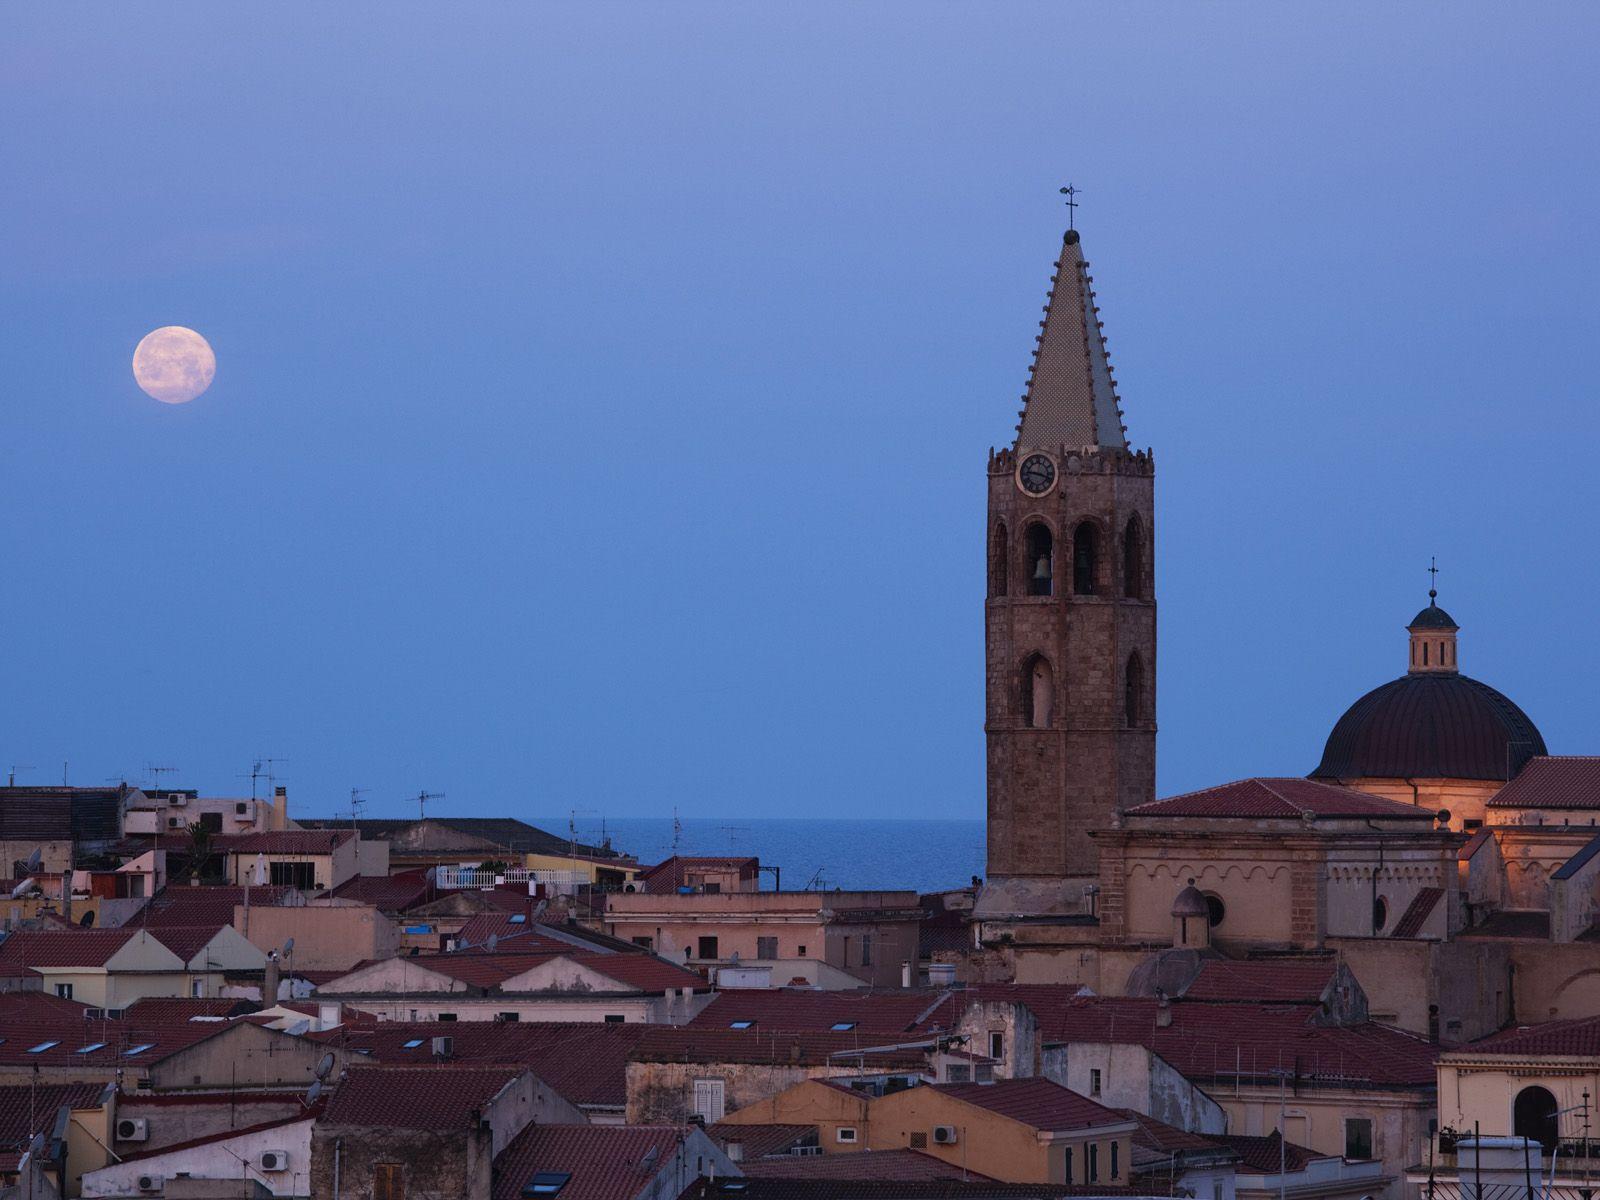 Cathedral Santa Maria, #Sardinia, #Italy